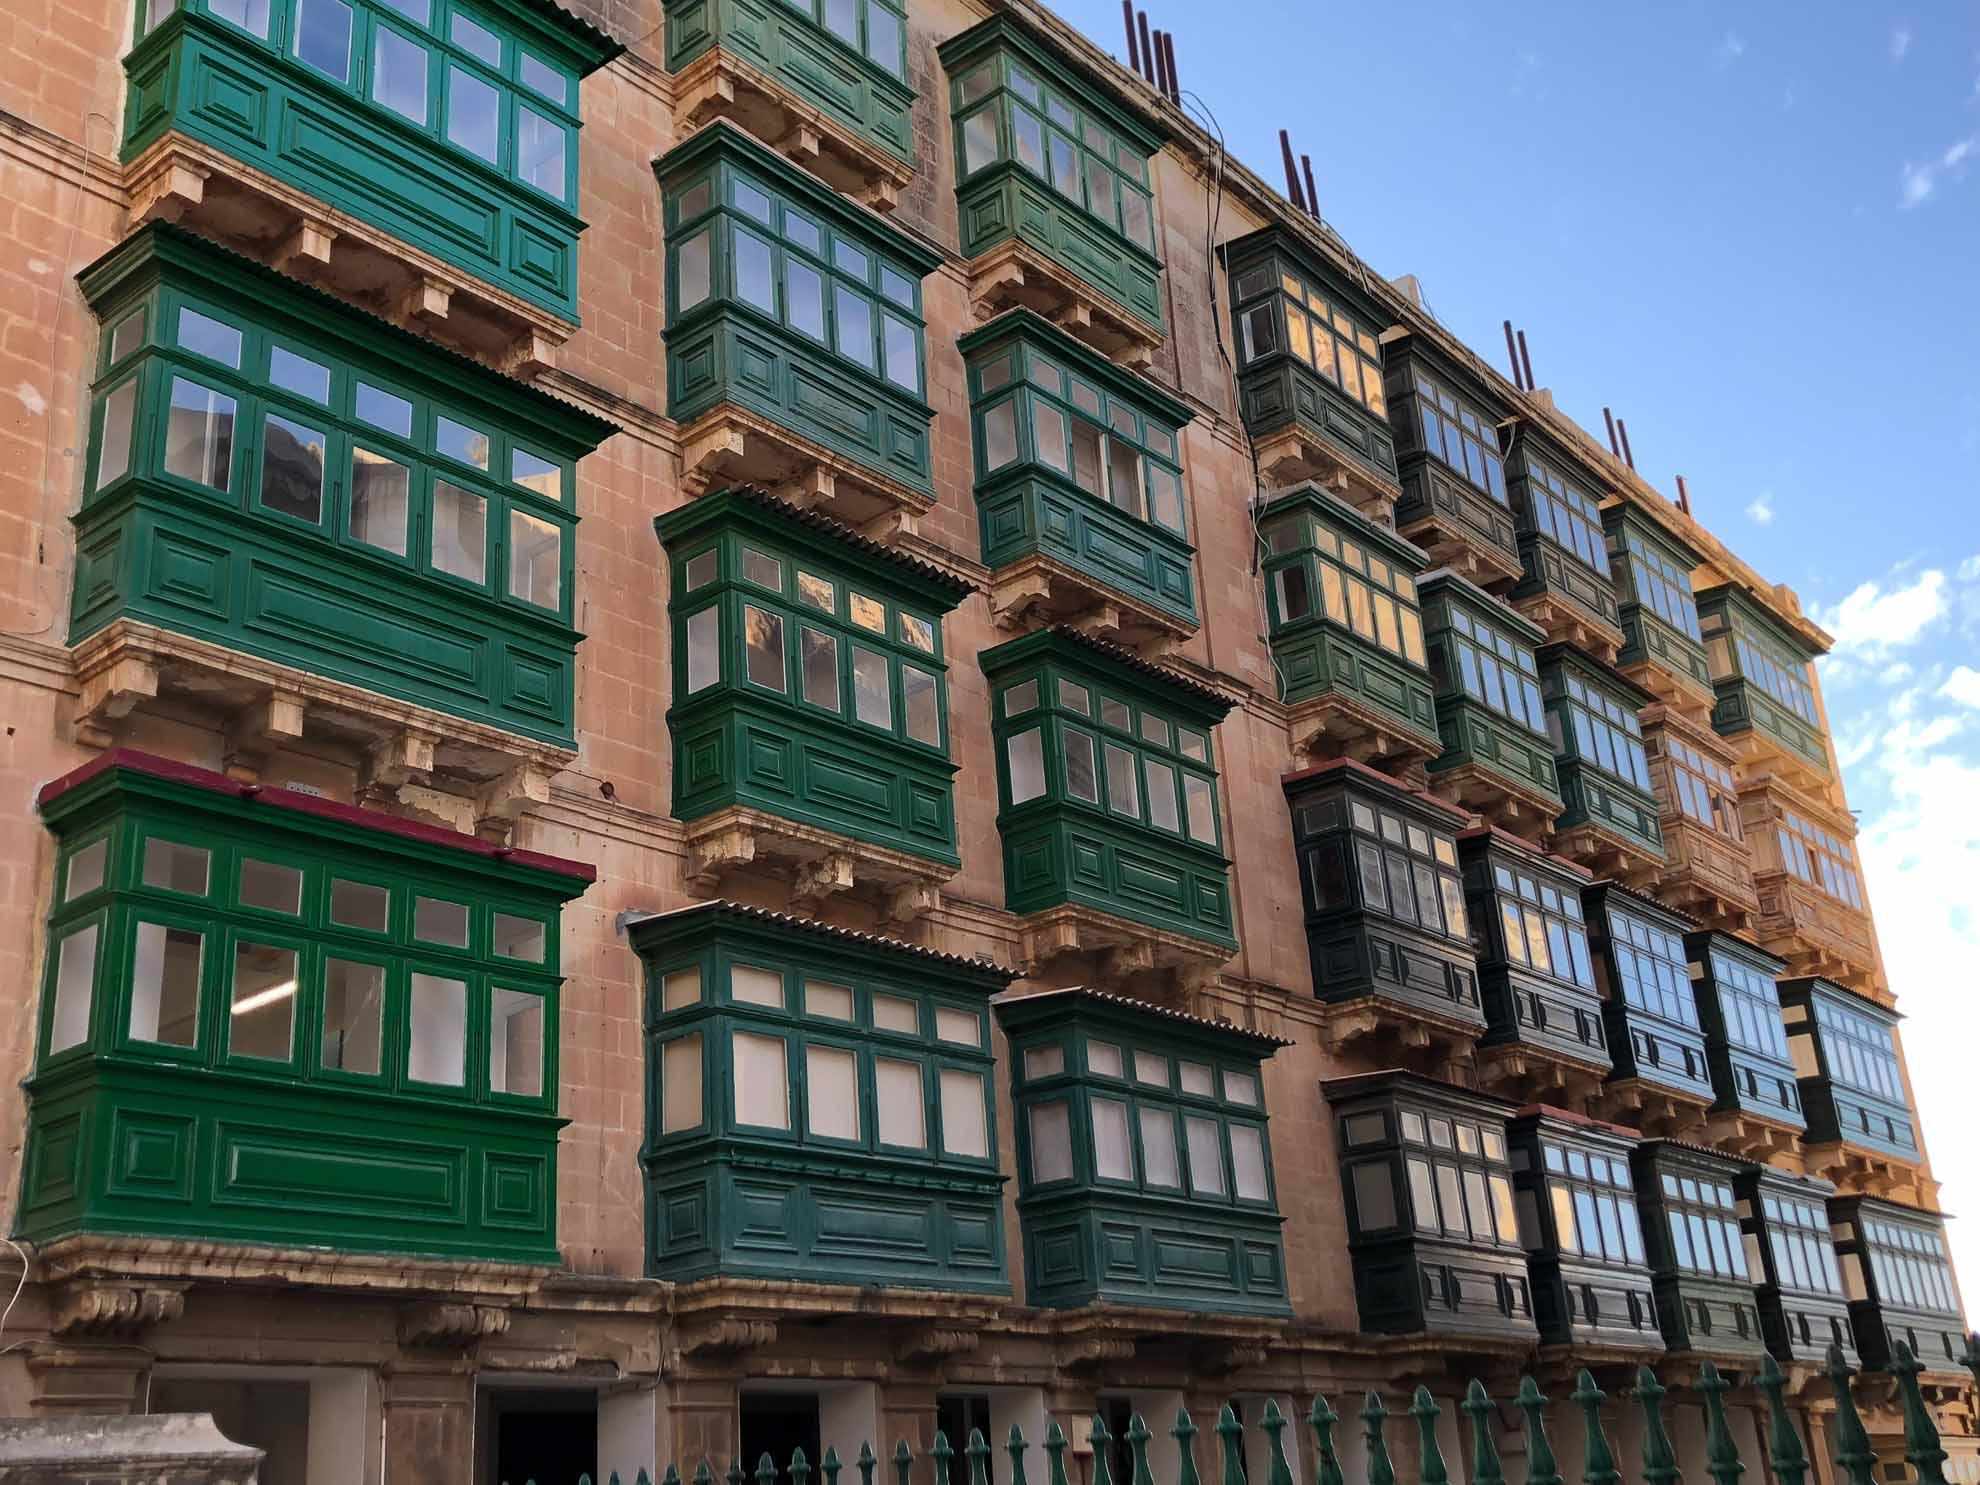 Die typischen Häuserfassaden Vallettas mit grünen Balkonen.